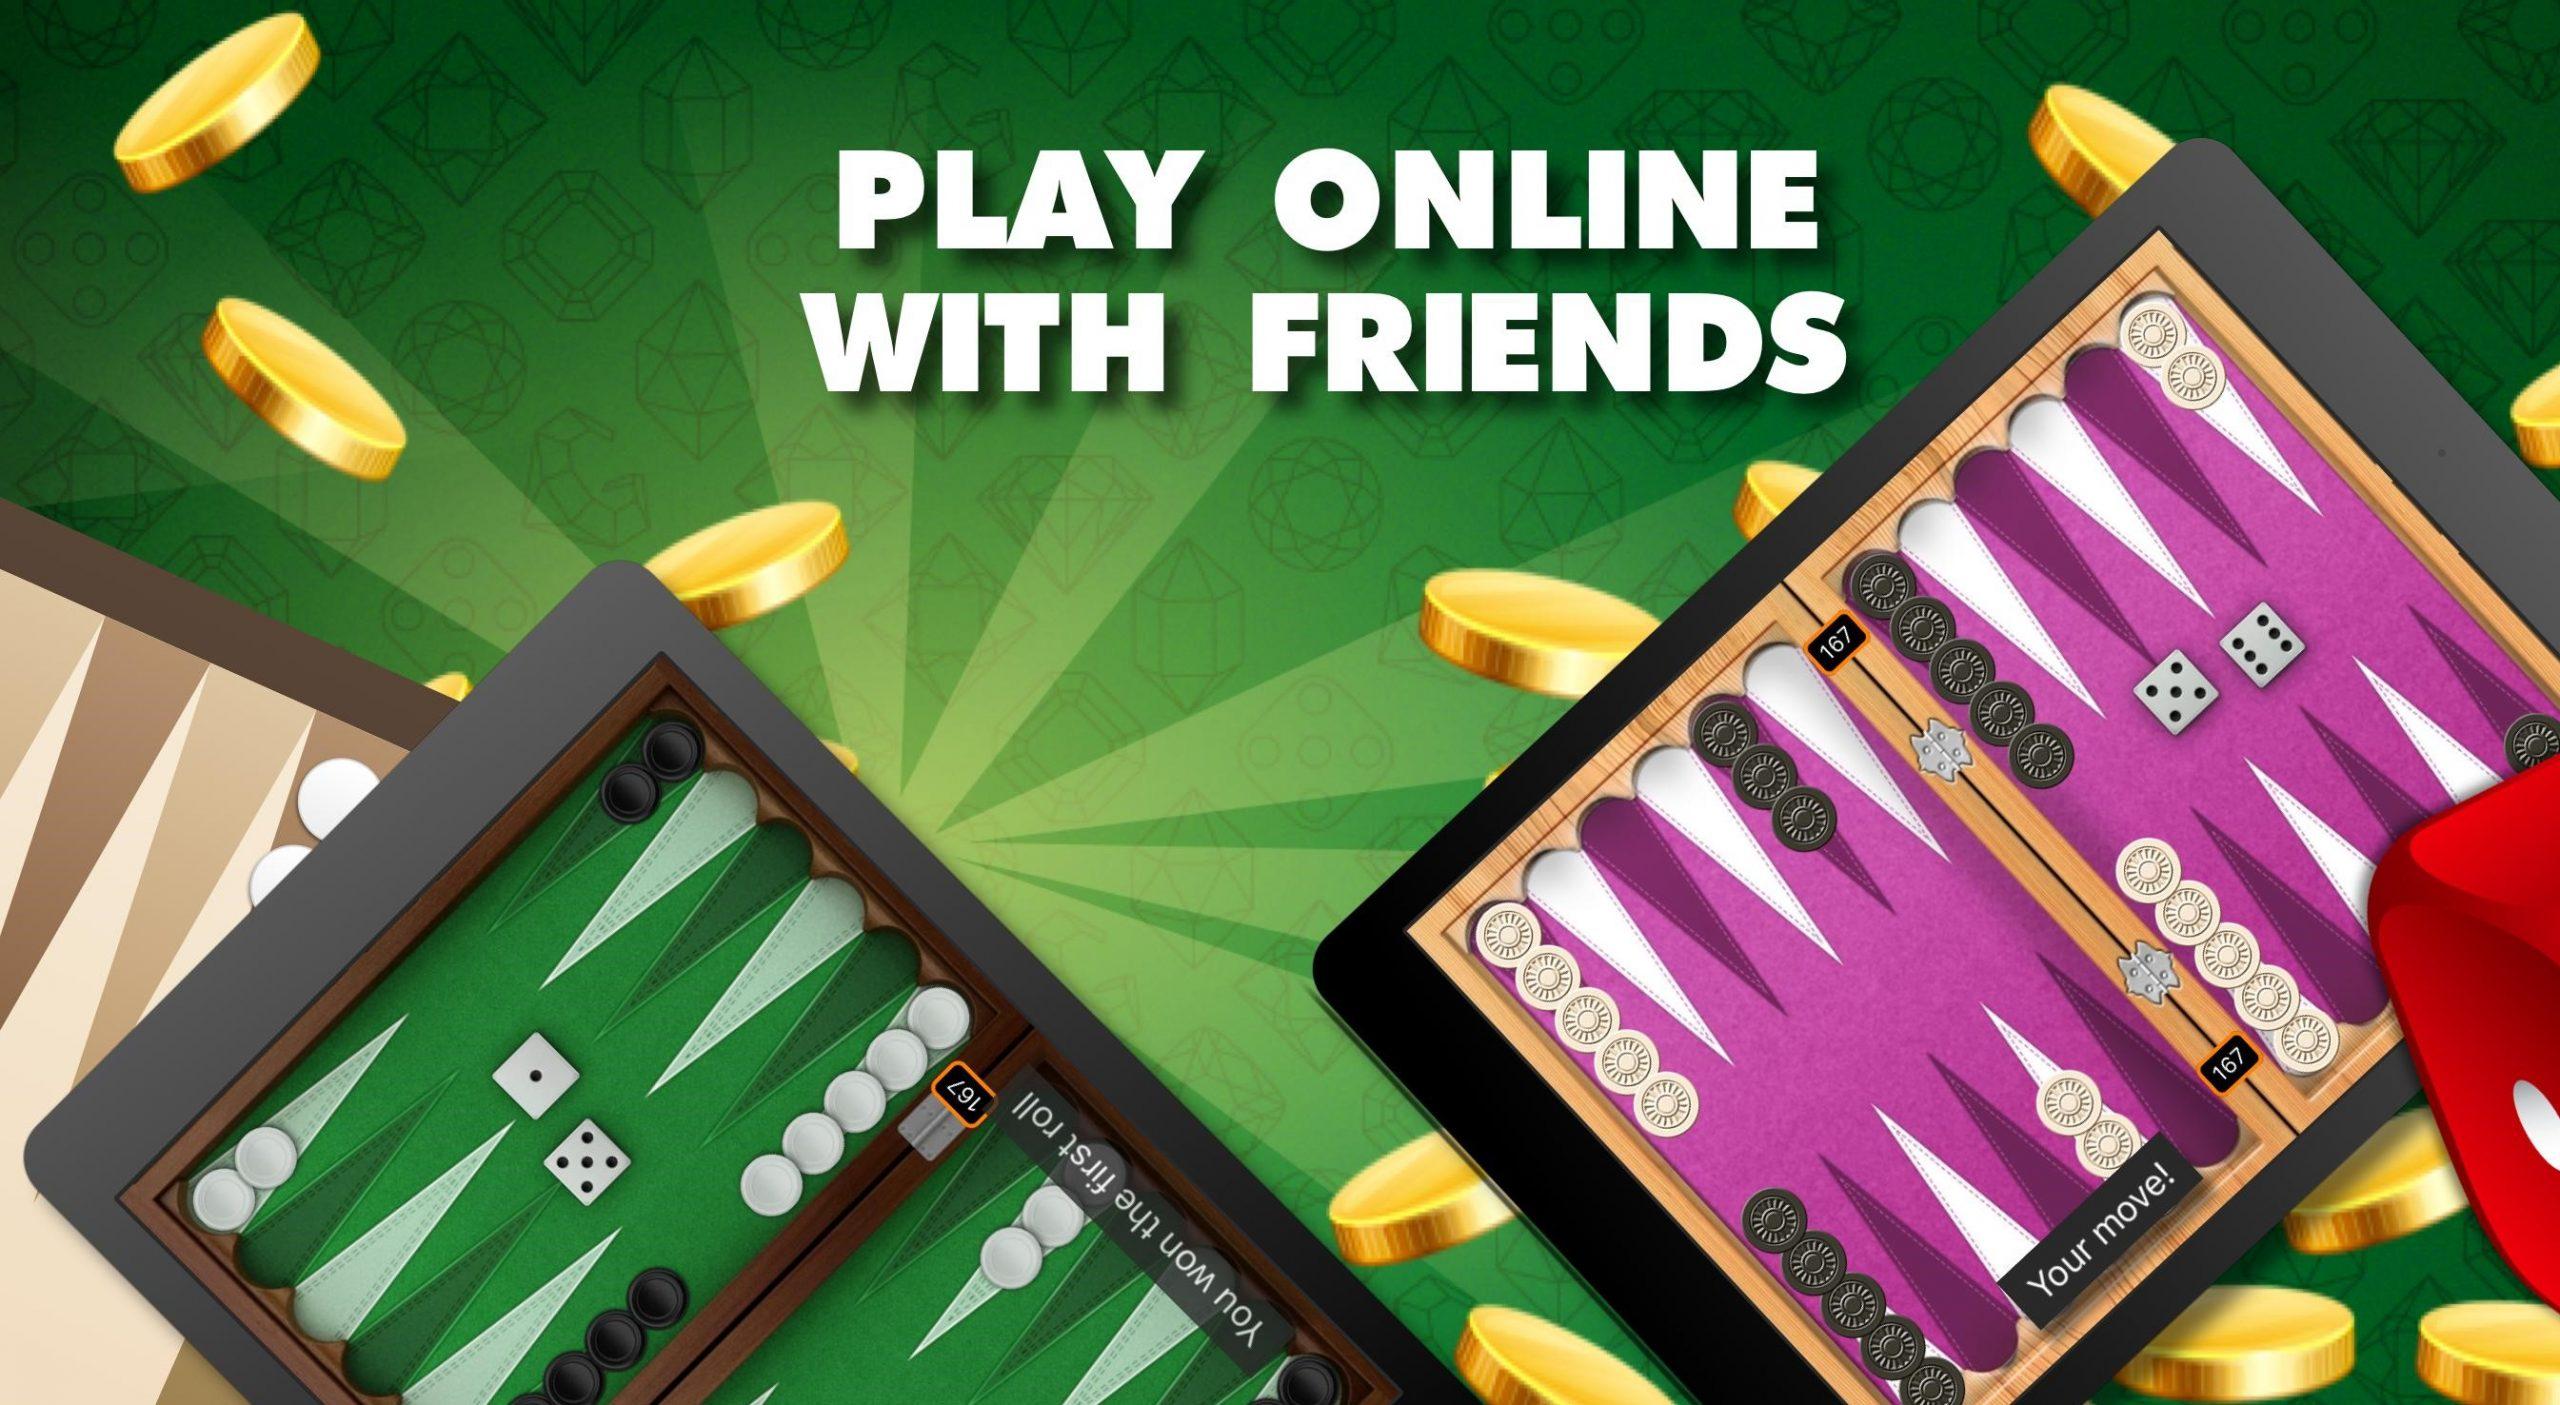 tavla olan casino siteleri nelerdir